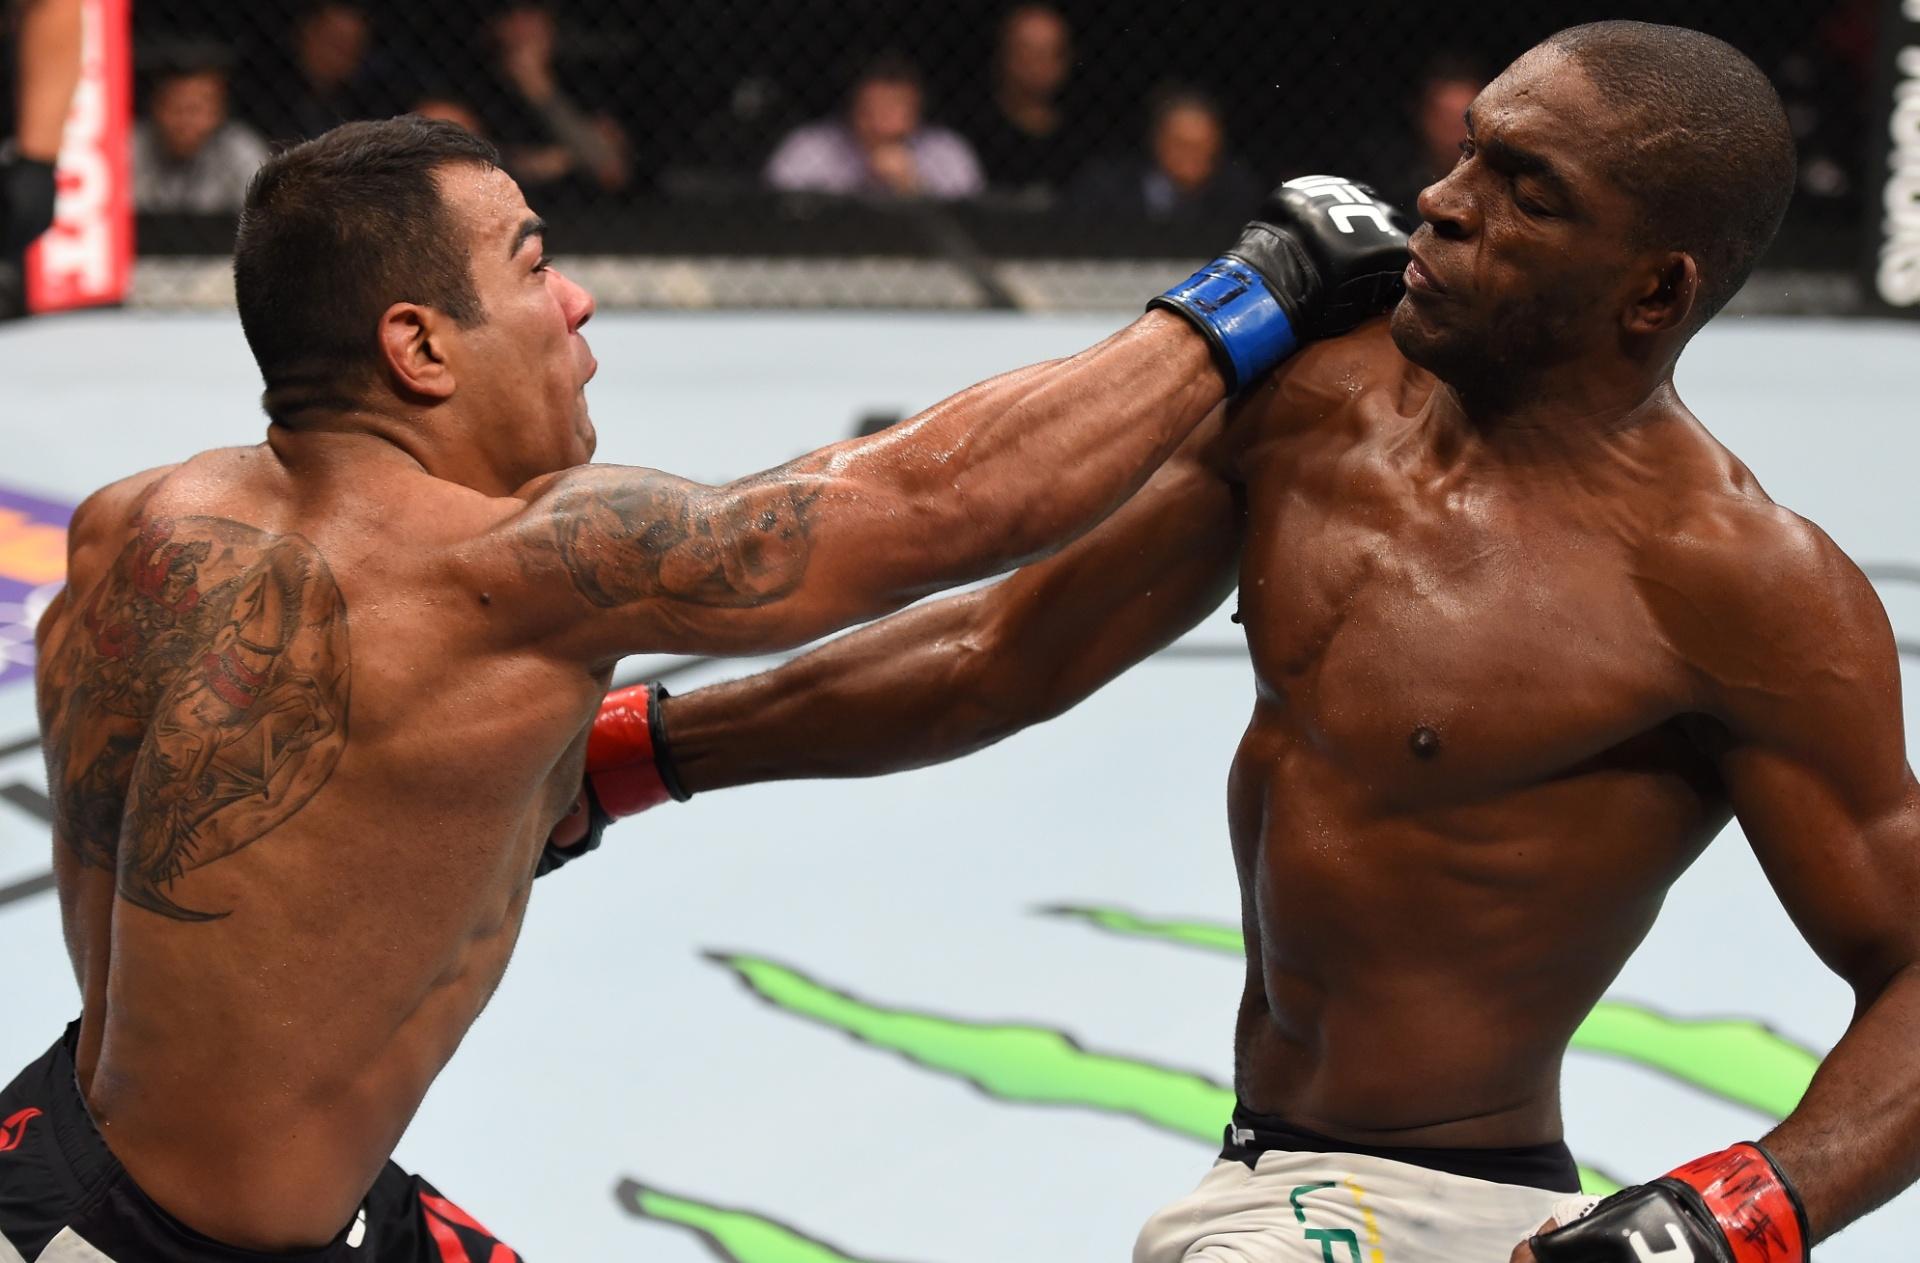 Michel Trator acerta soco em Valmir Bidu em luta pelo peso leve no UFC Fight Night disputado em Monterrey, no México